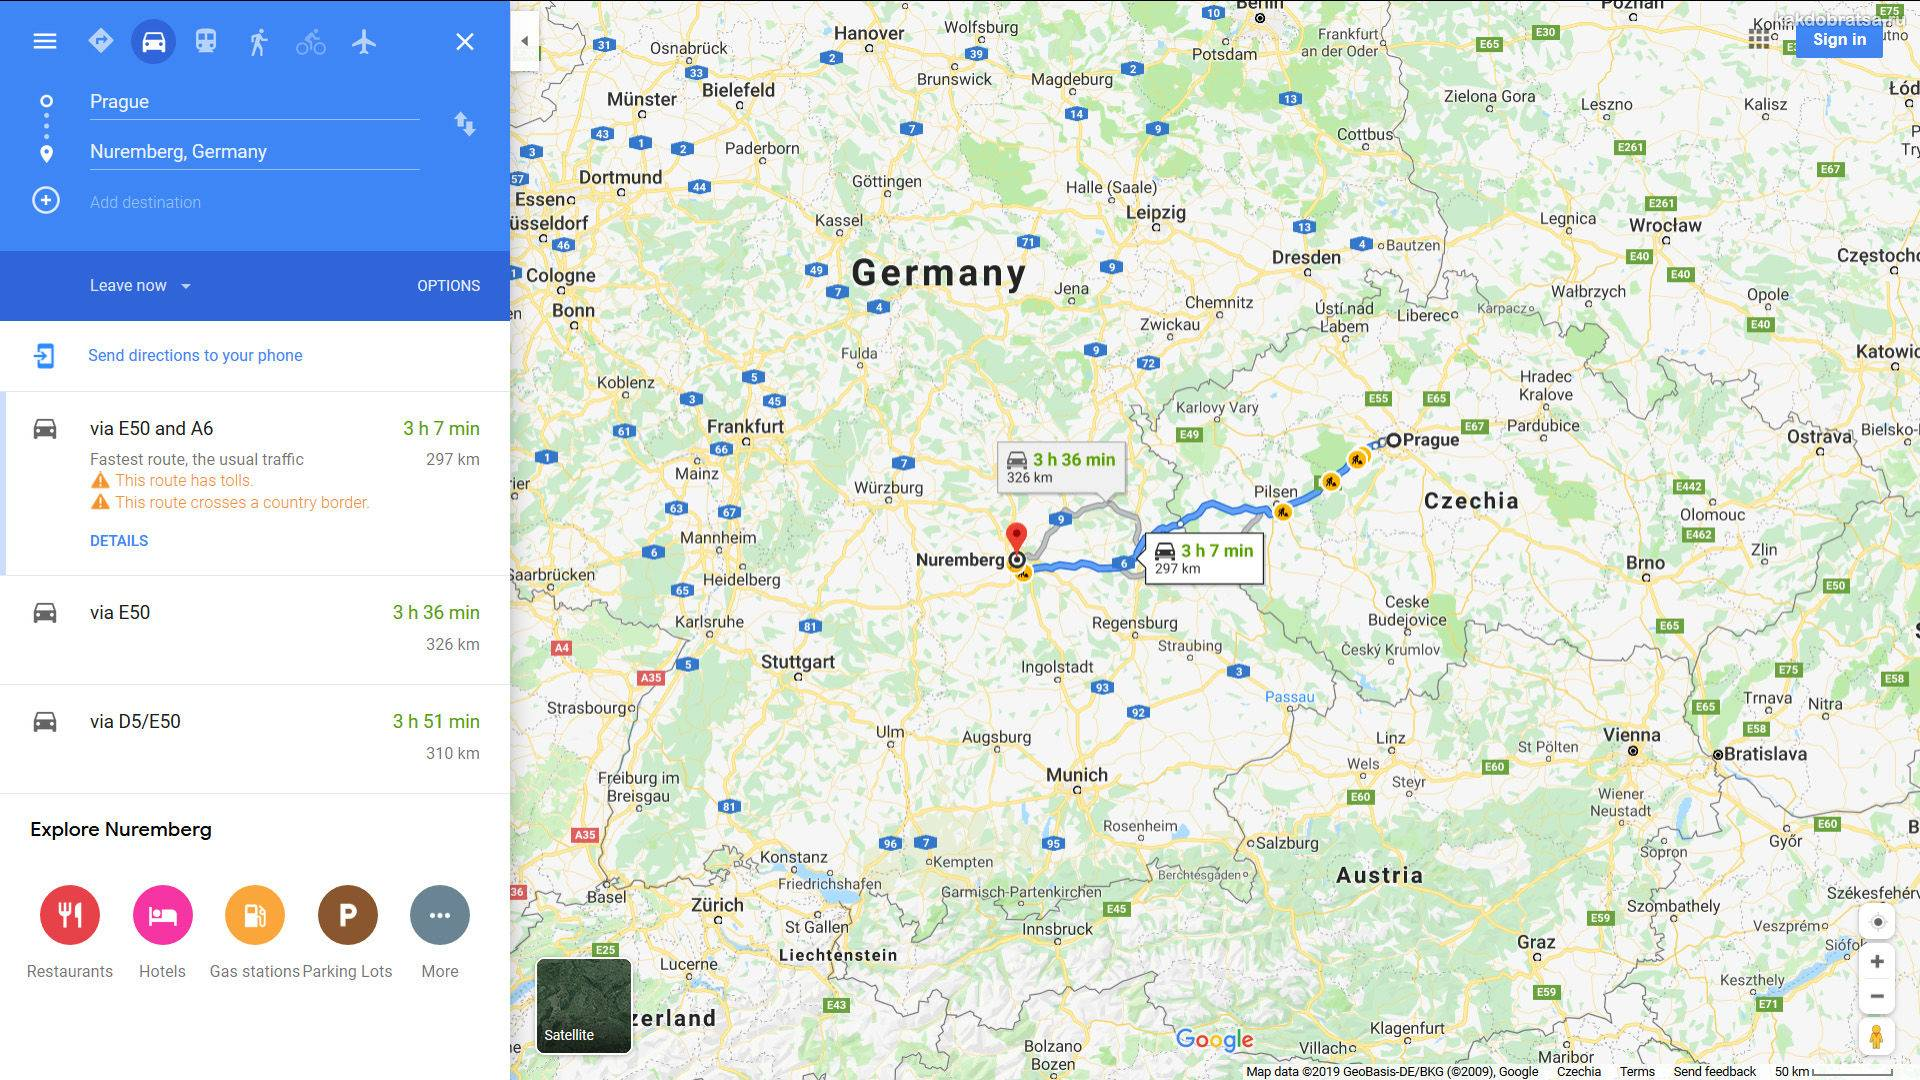 Как дешево и быстро добраться из мюнхена в гамбург